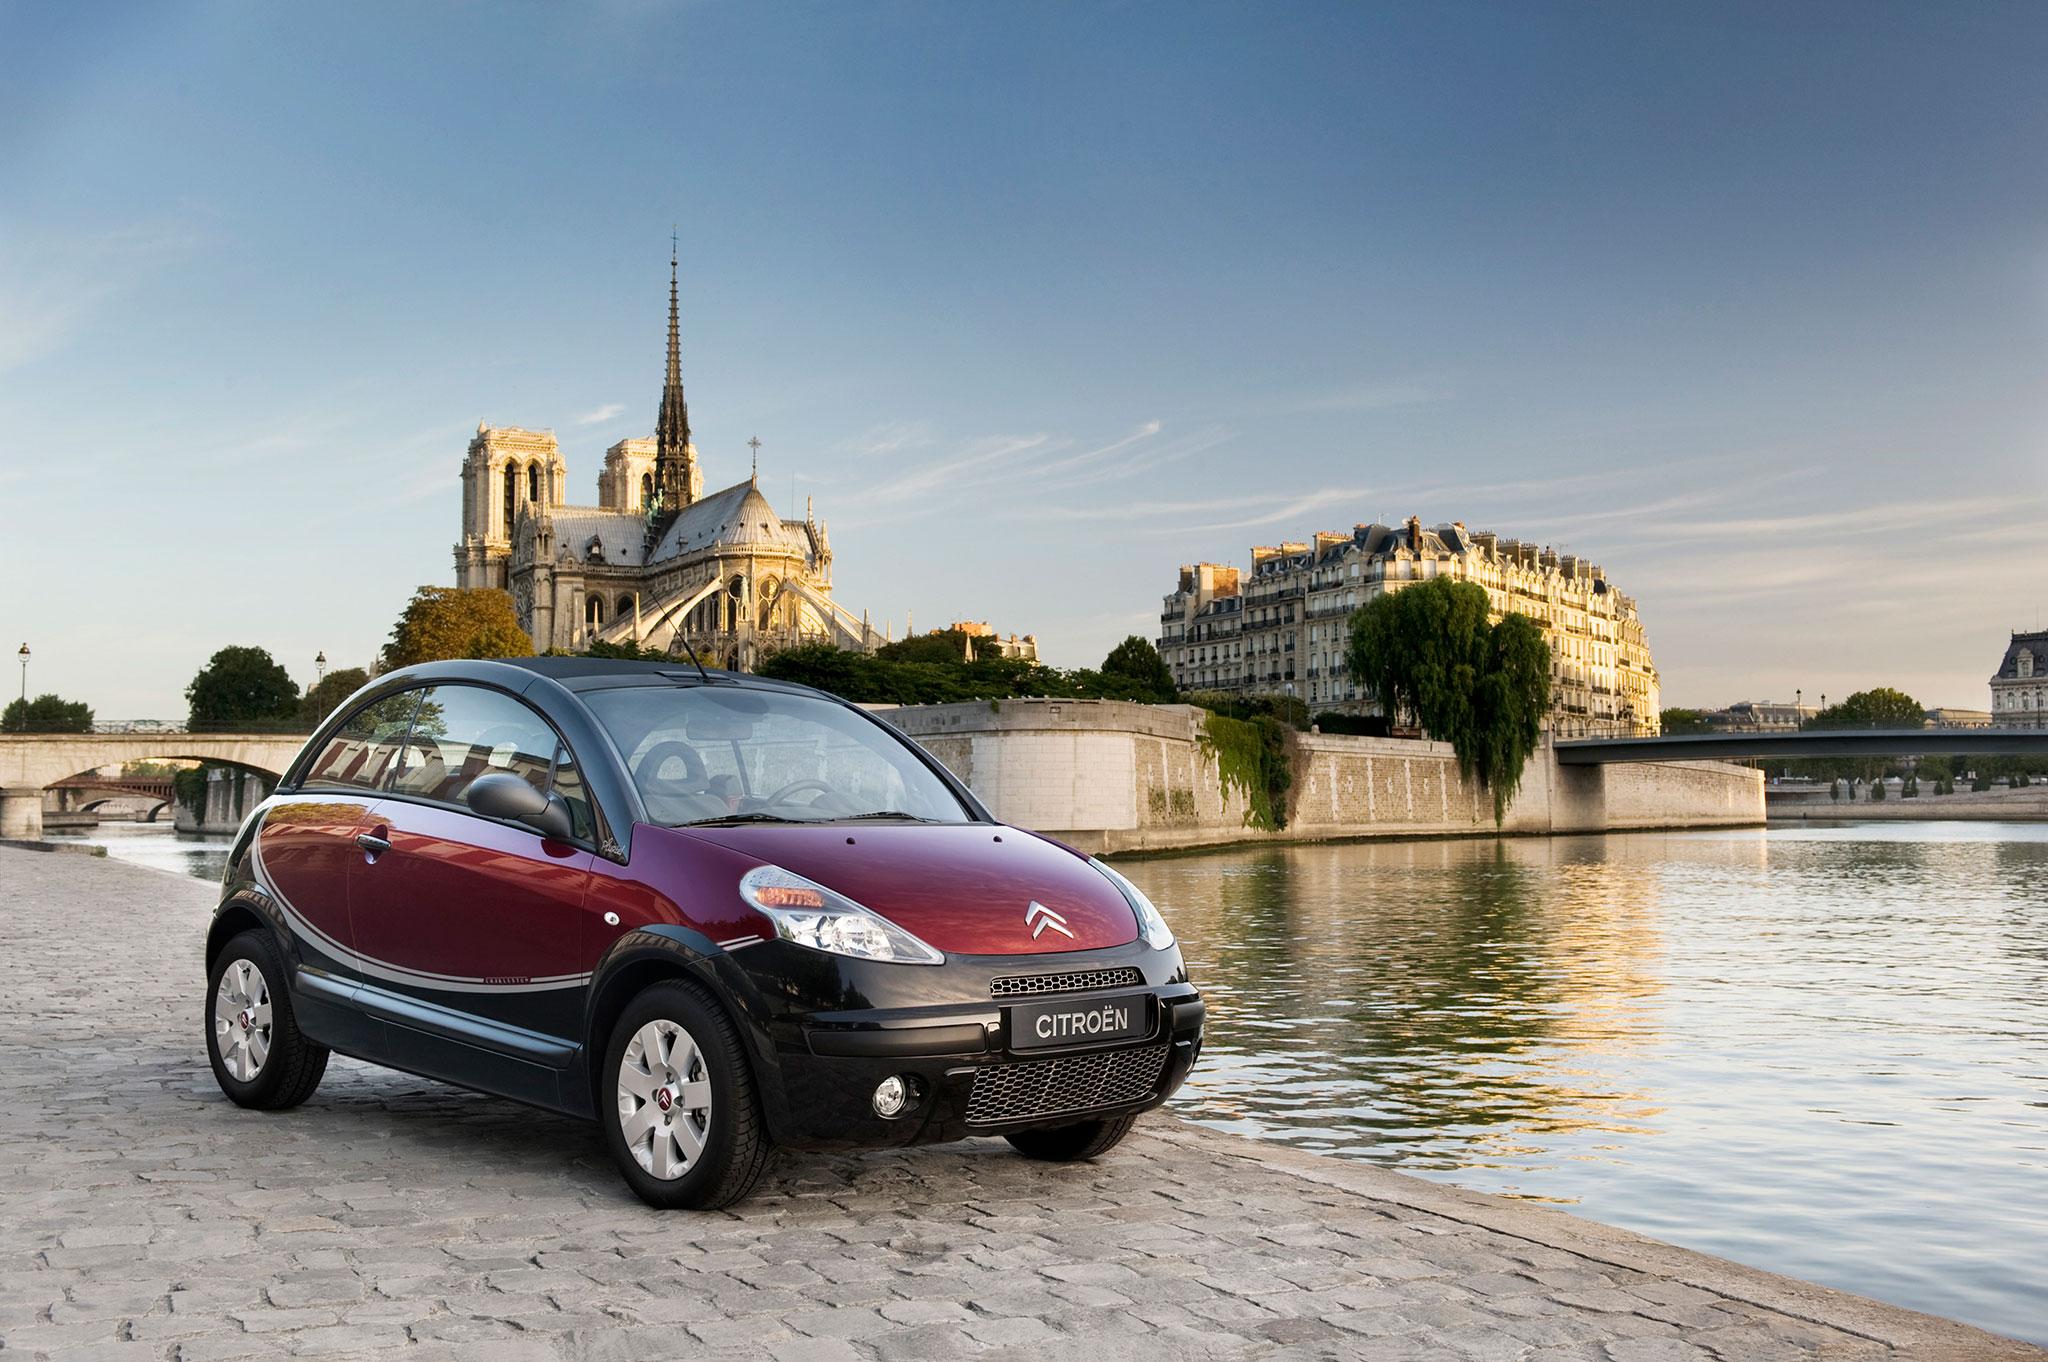 Citroën C3 Pluriel Charleston vue trois quarts avant droit @Lejeune.